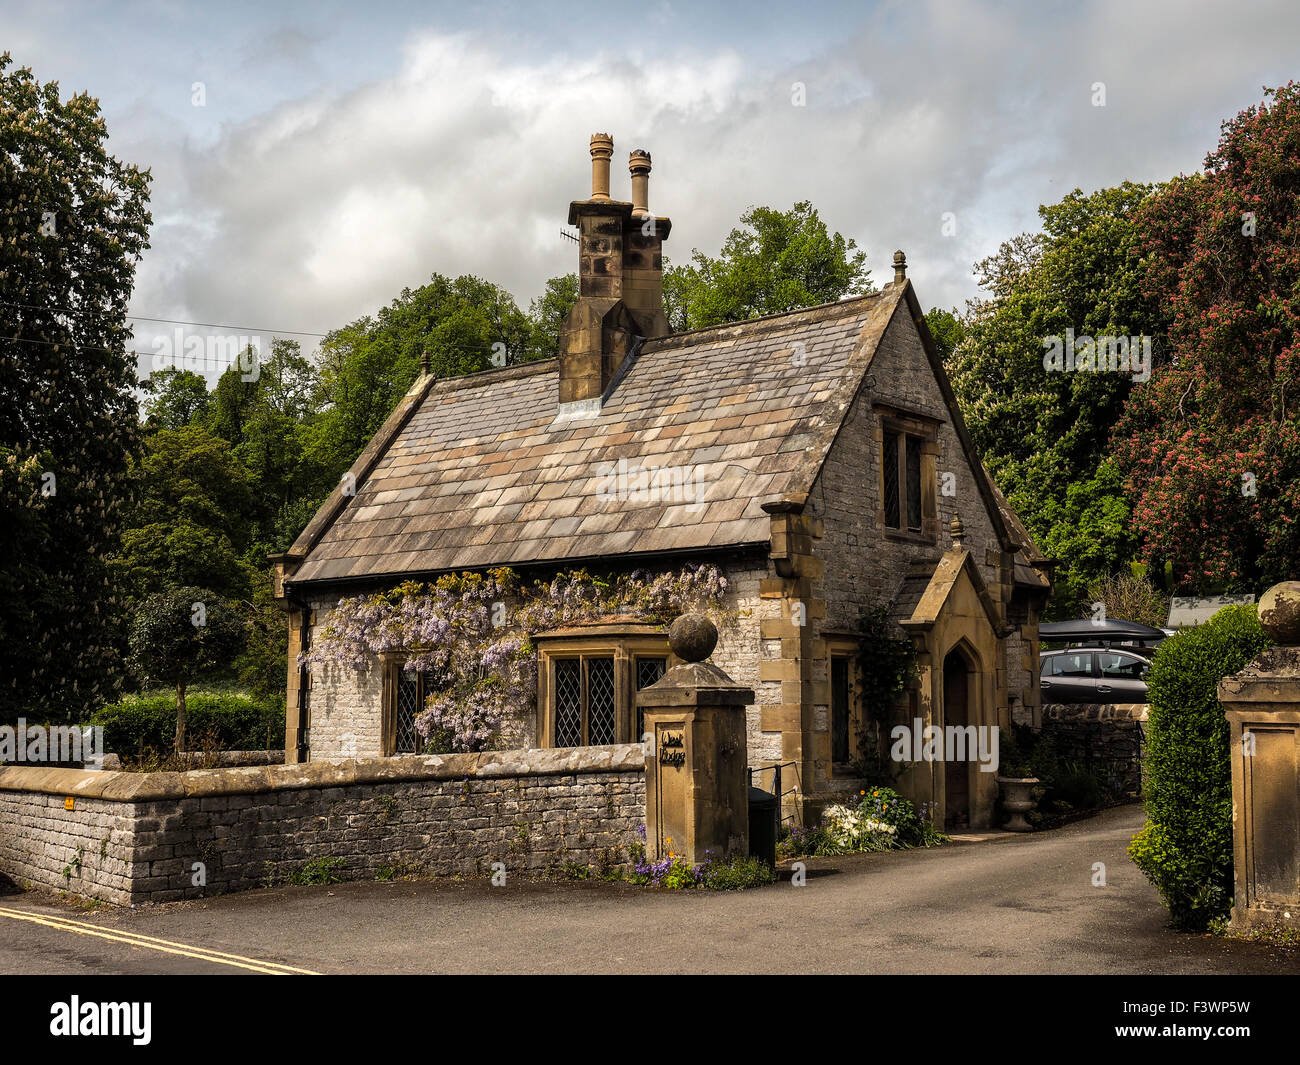 kleines steinhaus in derbyshire england stockfoto bild 88462021 alamy. Black Bedroom Furniture Sets. Home Design Ideas